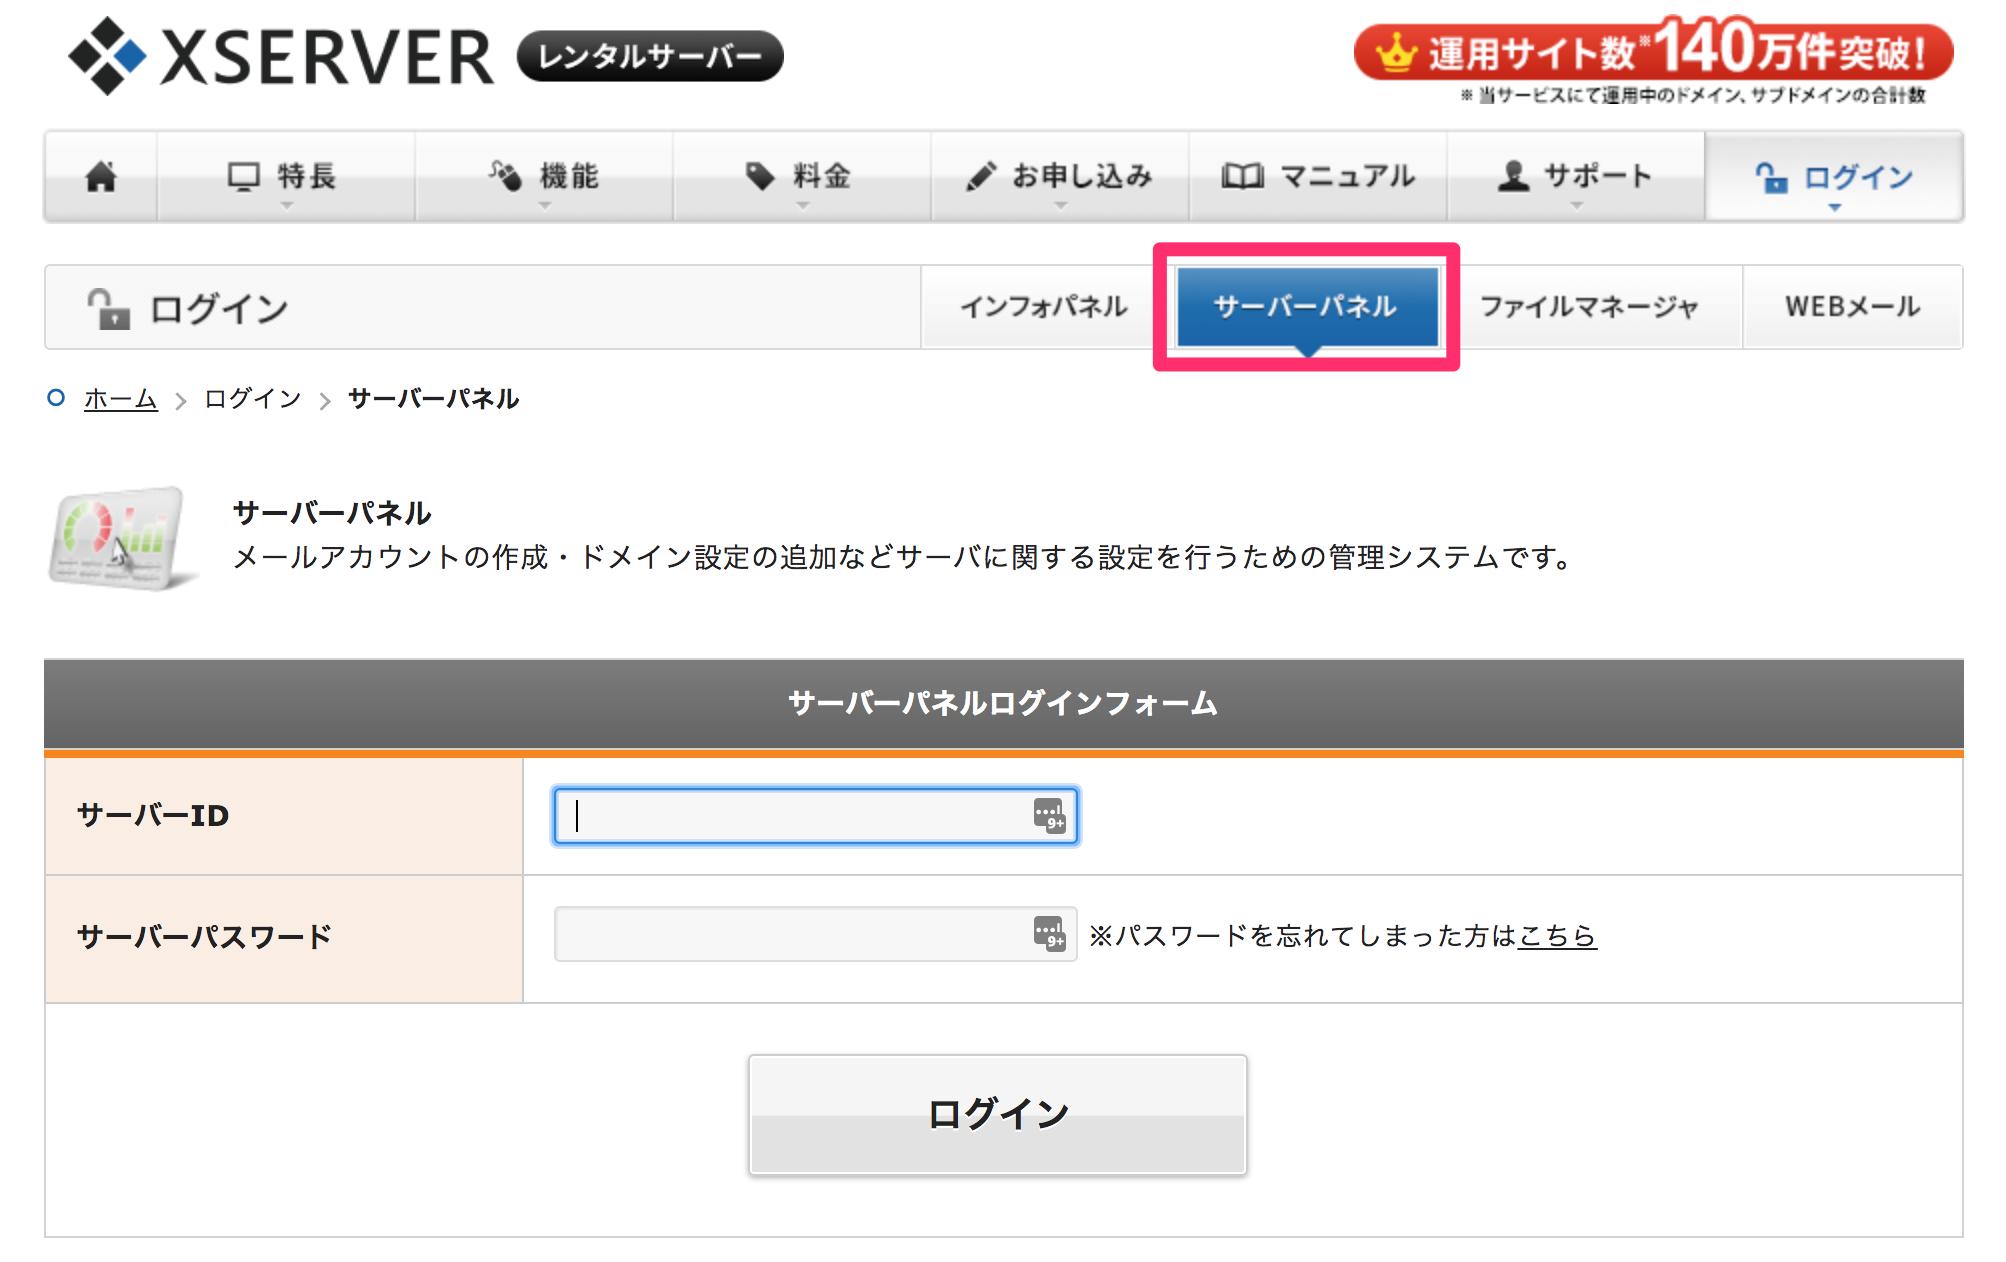 エックスサーバーのサーバーパネルにログインします